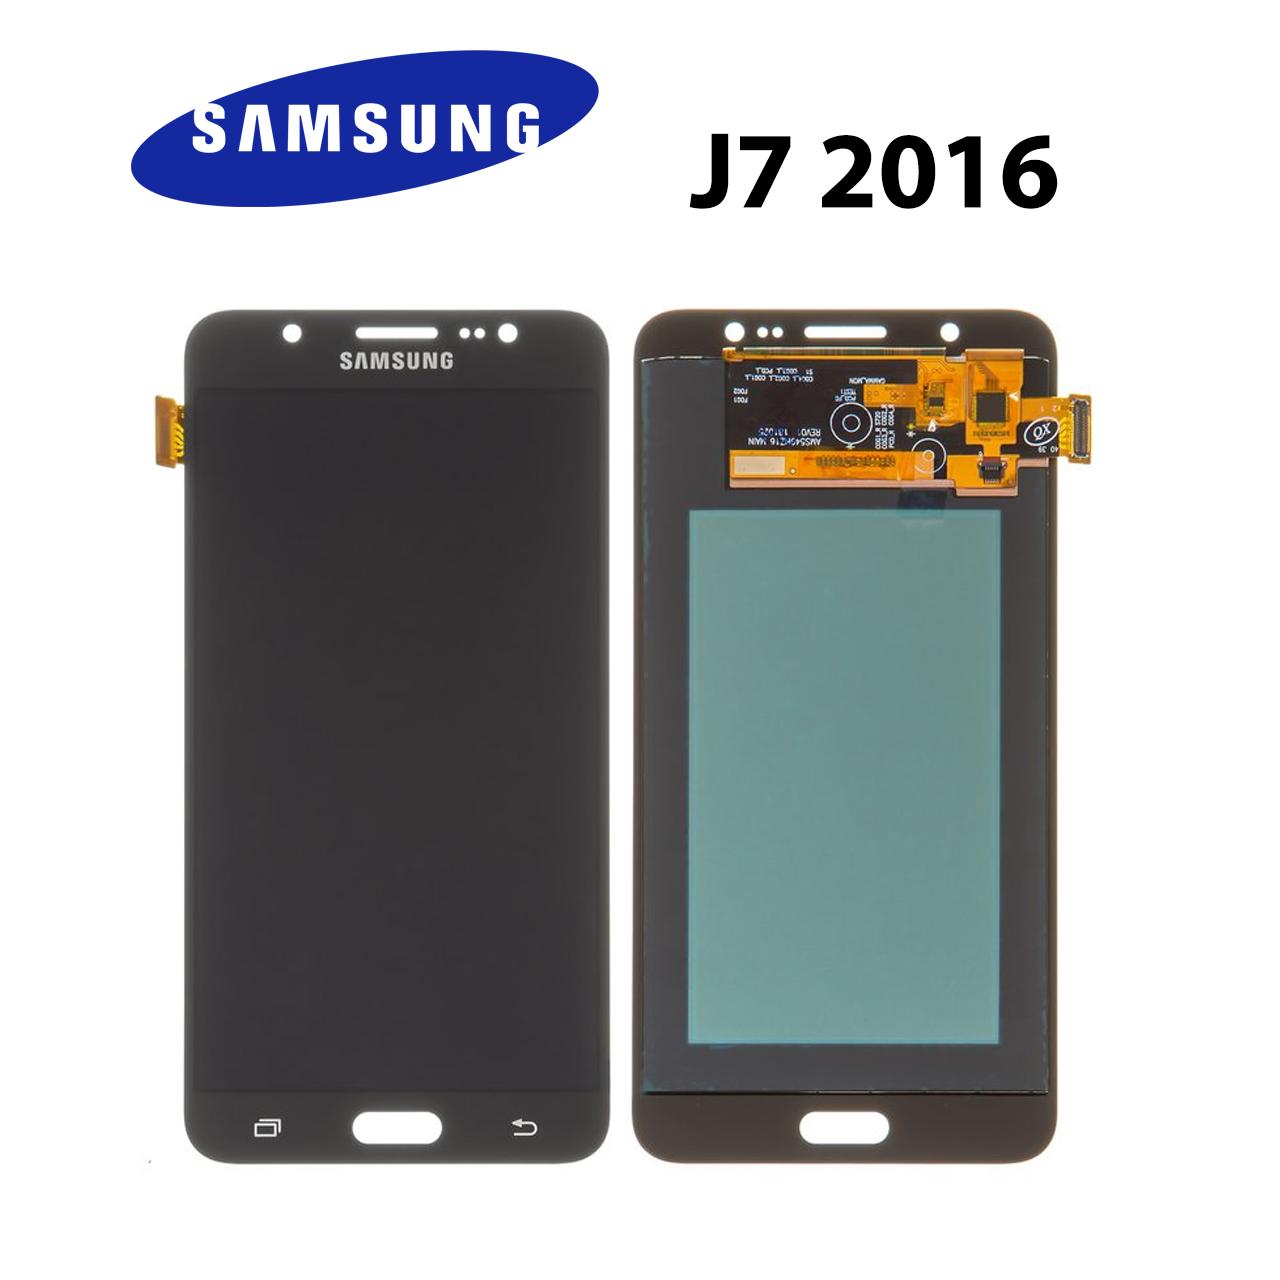 Дисплейный модуль TFT Samsung J7 2016 (J710/710F/J710FN) черный, дисплей/экран + тачскрин/сенсор самсунг ж7